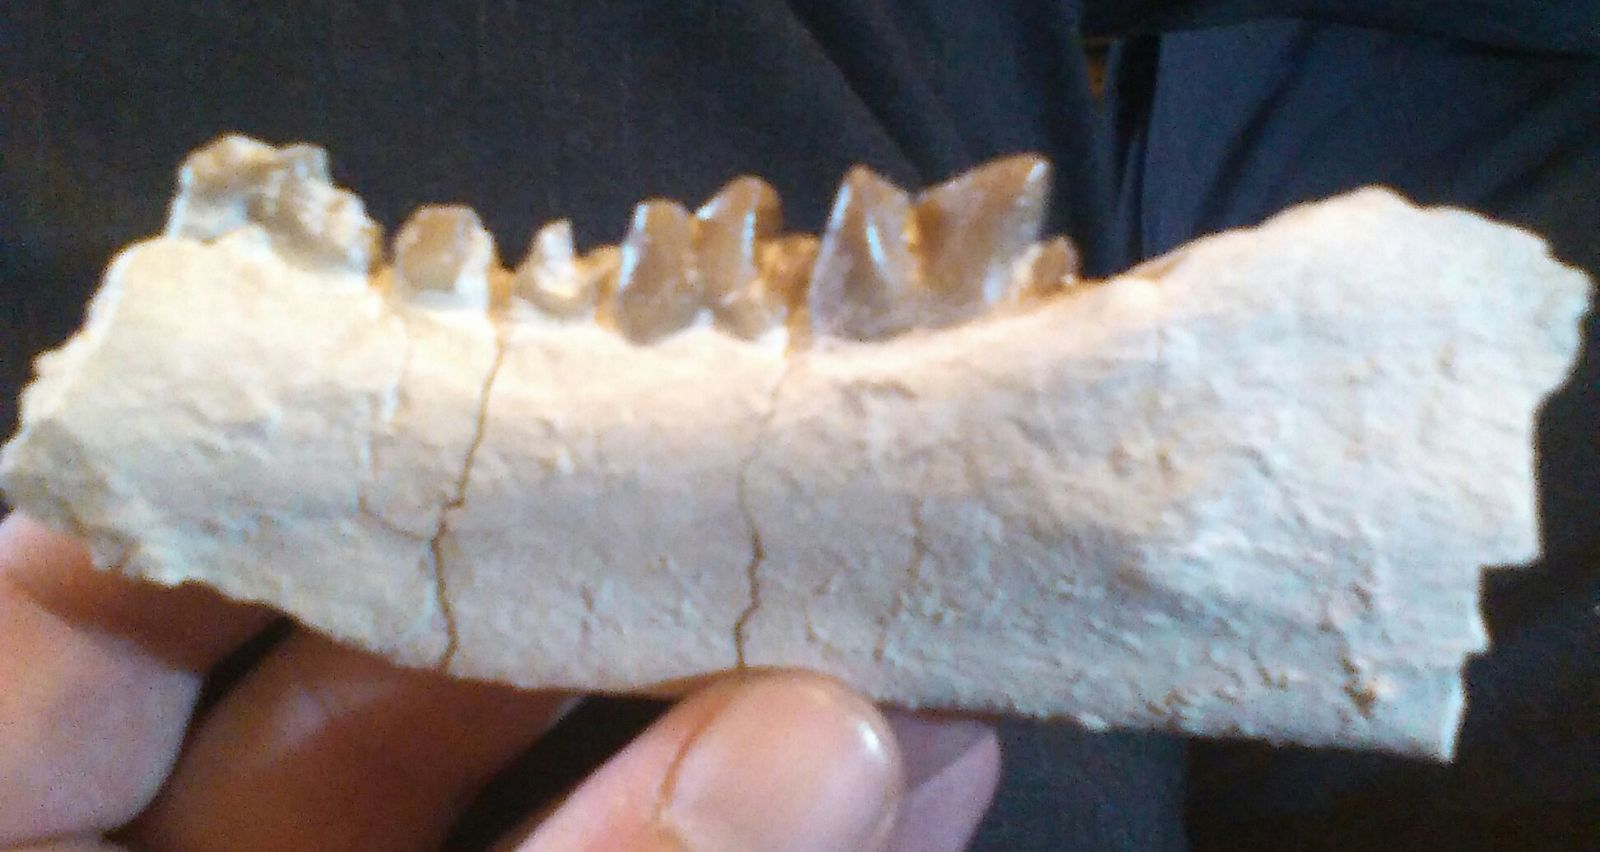 Hyaenodon (horridus?) left jaw.